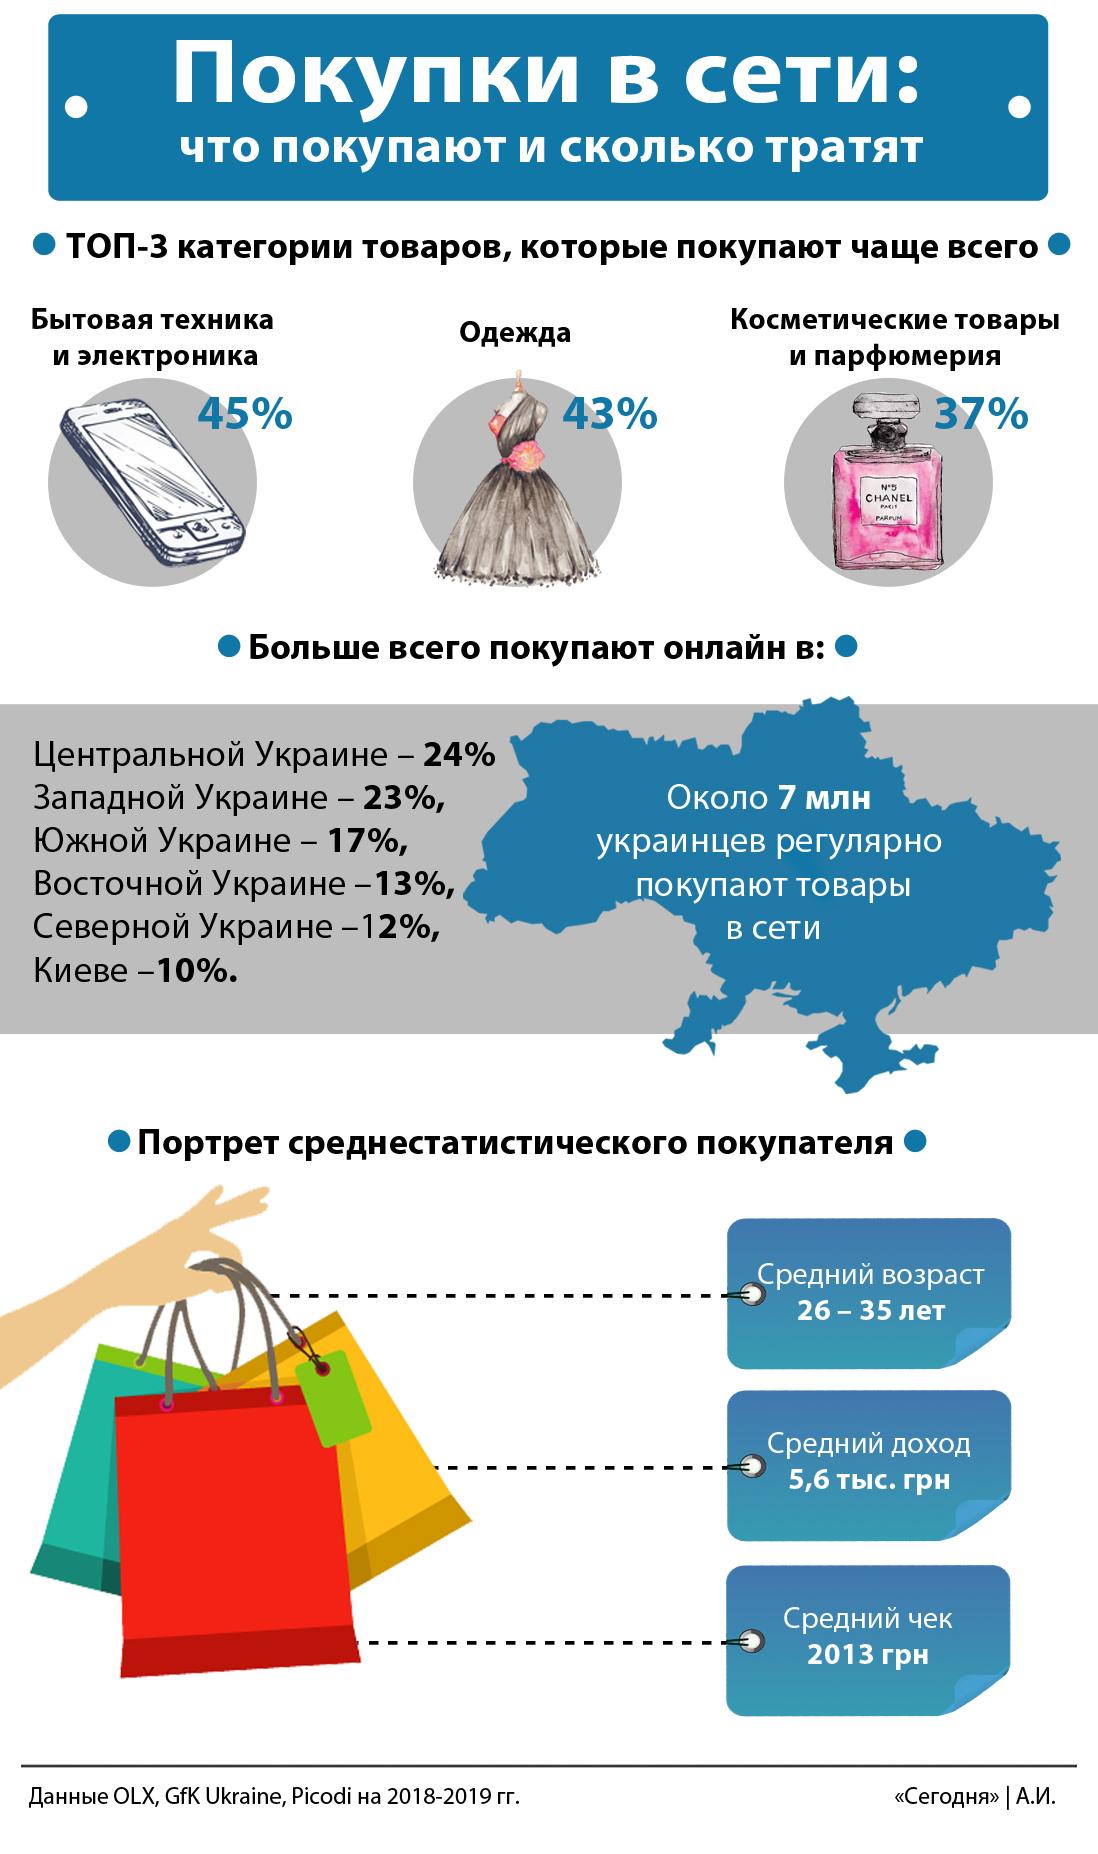 Велосипеди, одяг і косметика: що купують українці в мережі і скільки грошей витрачають, фото-2